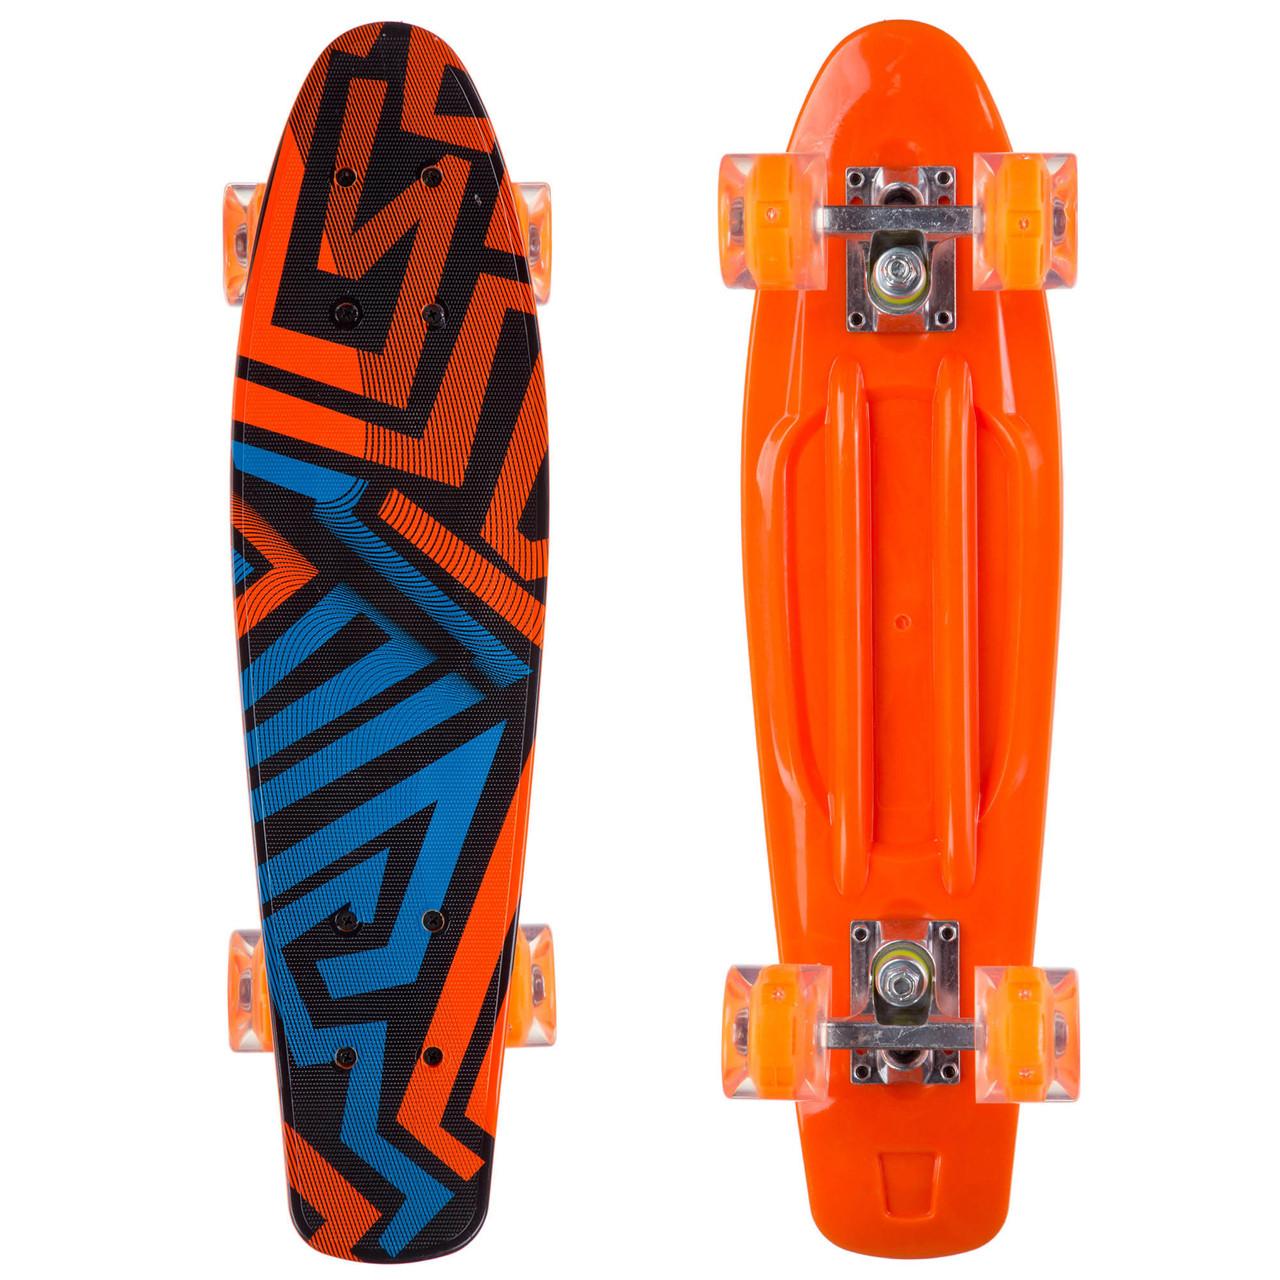 Скейтборд пластиковый Penny SK-881-2 с рисунком 56х15см, оранжевый